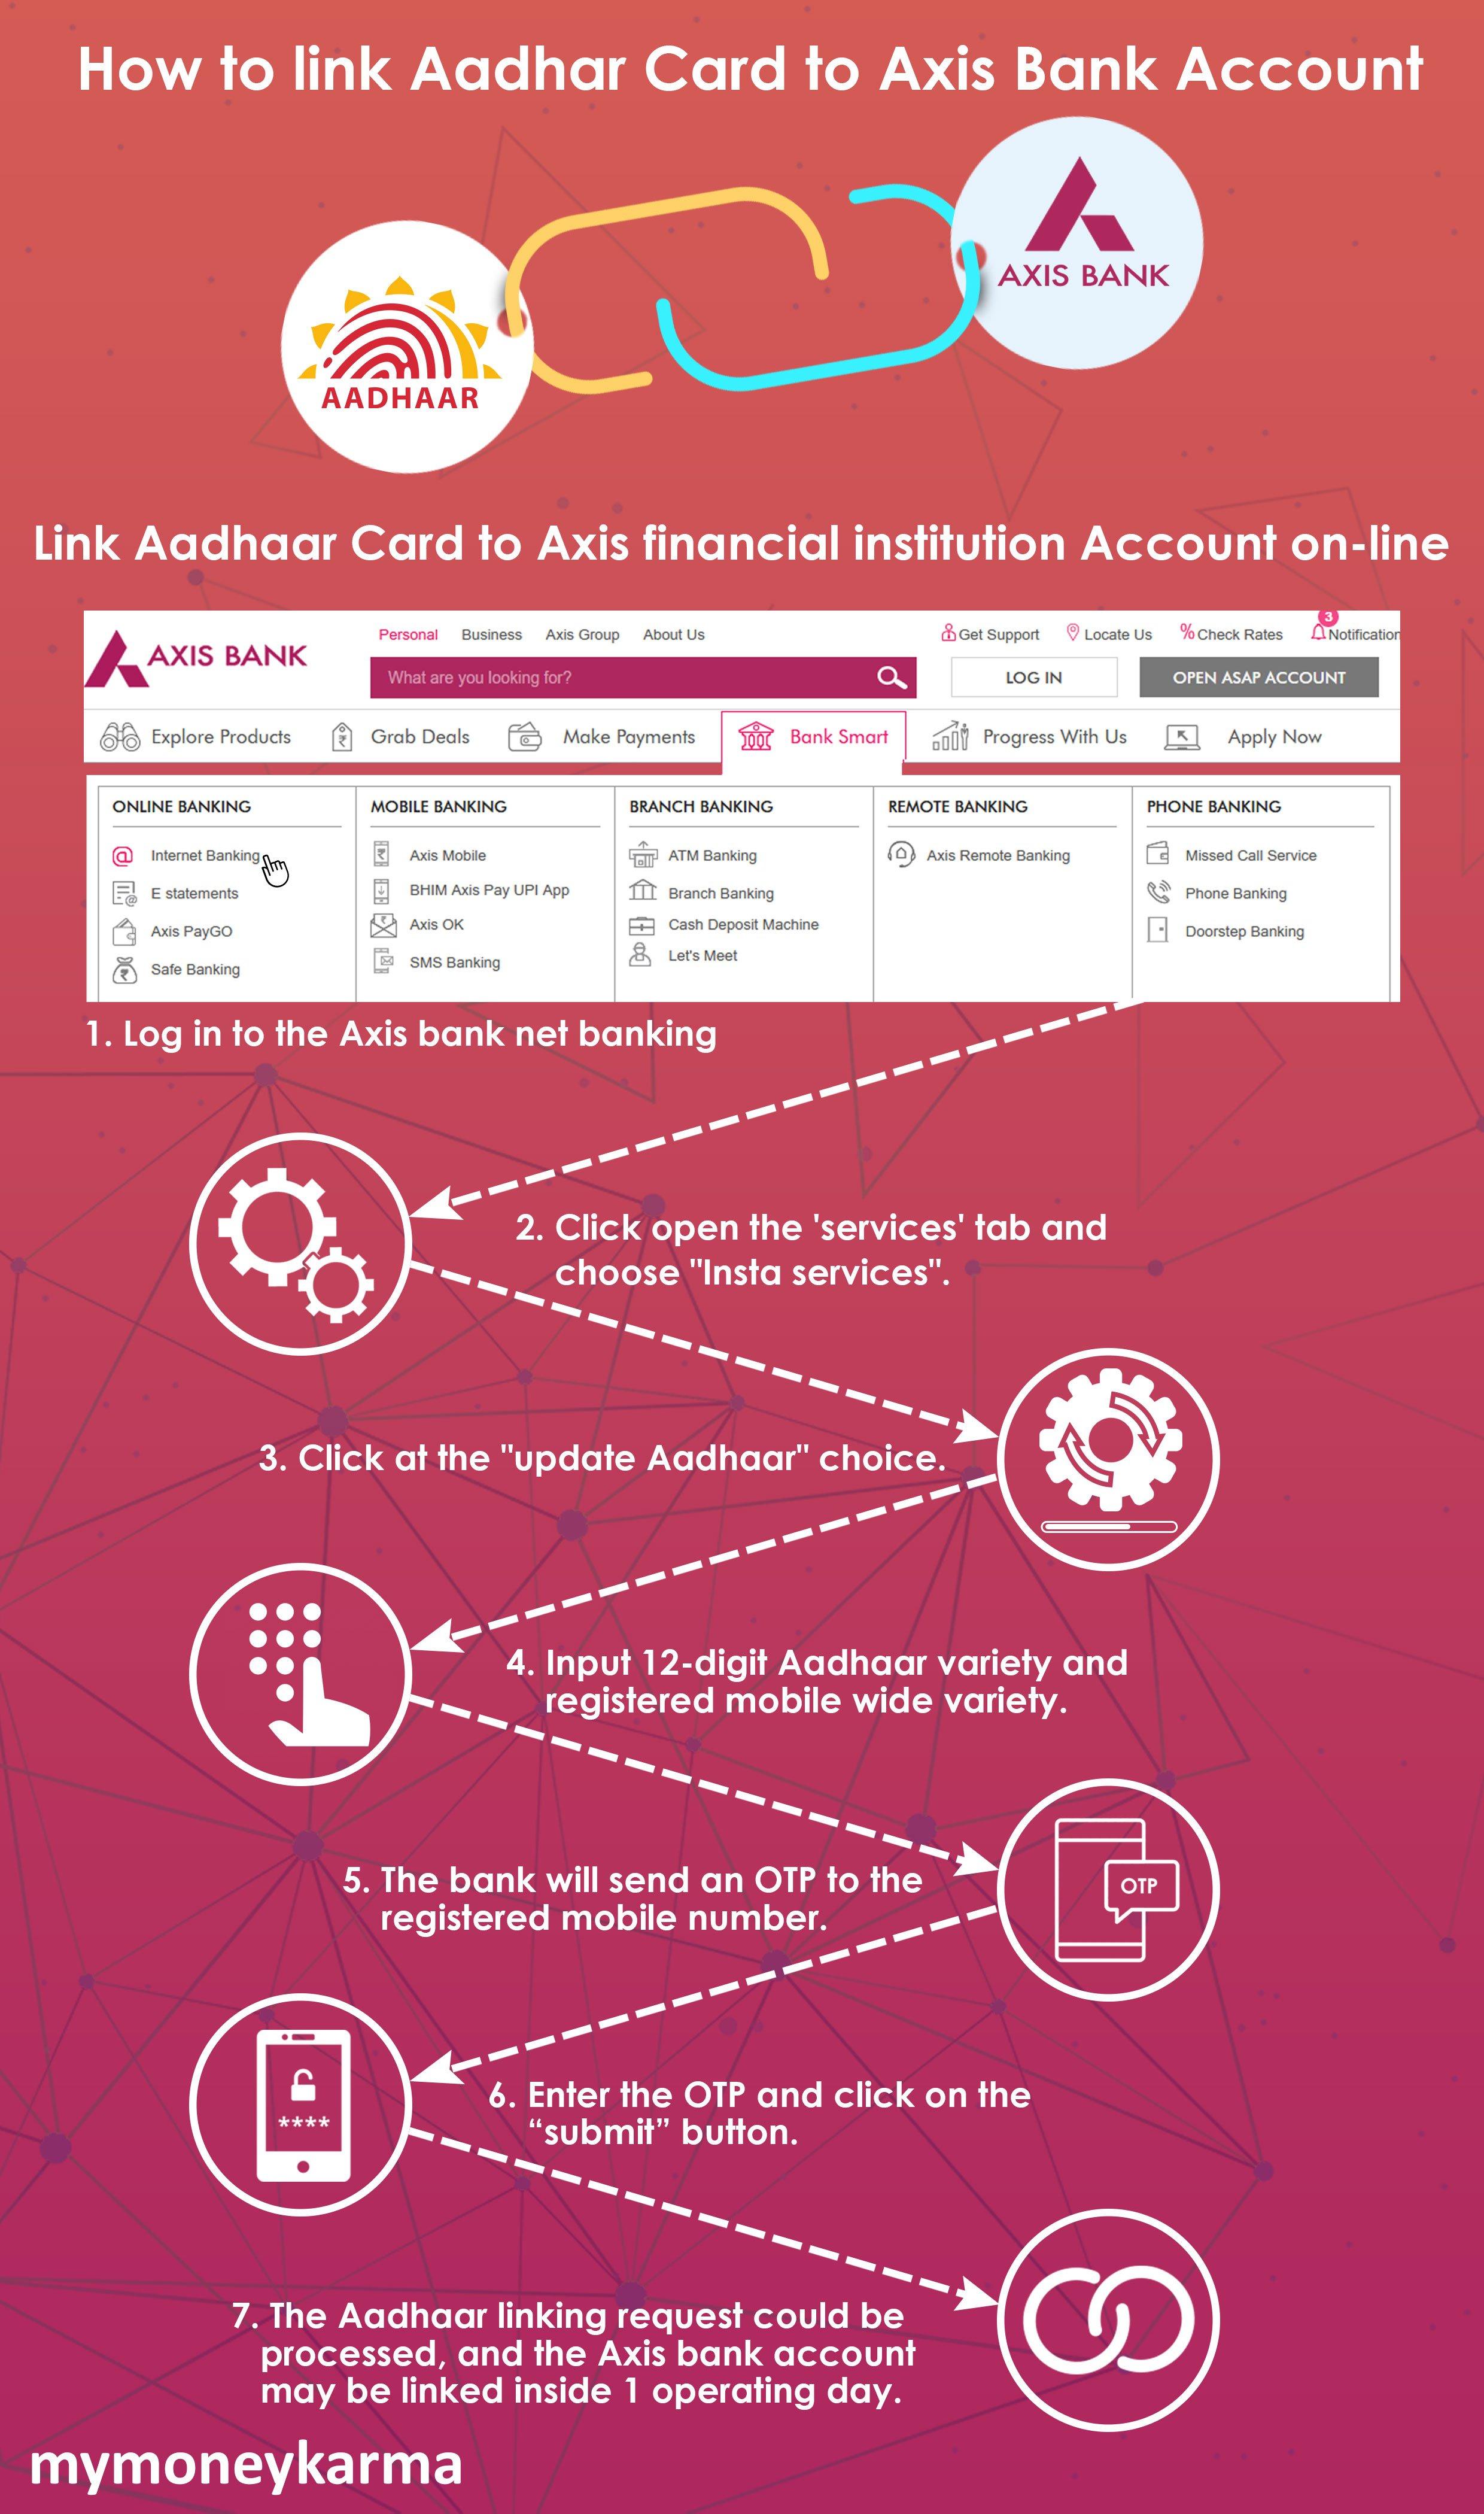 How to link Aadhaar Card to Axis Bank Account